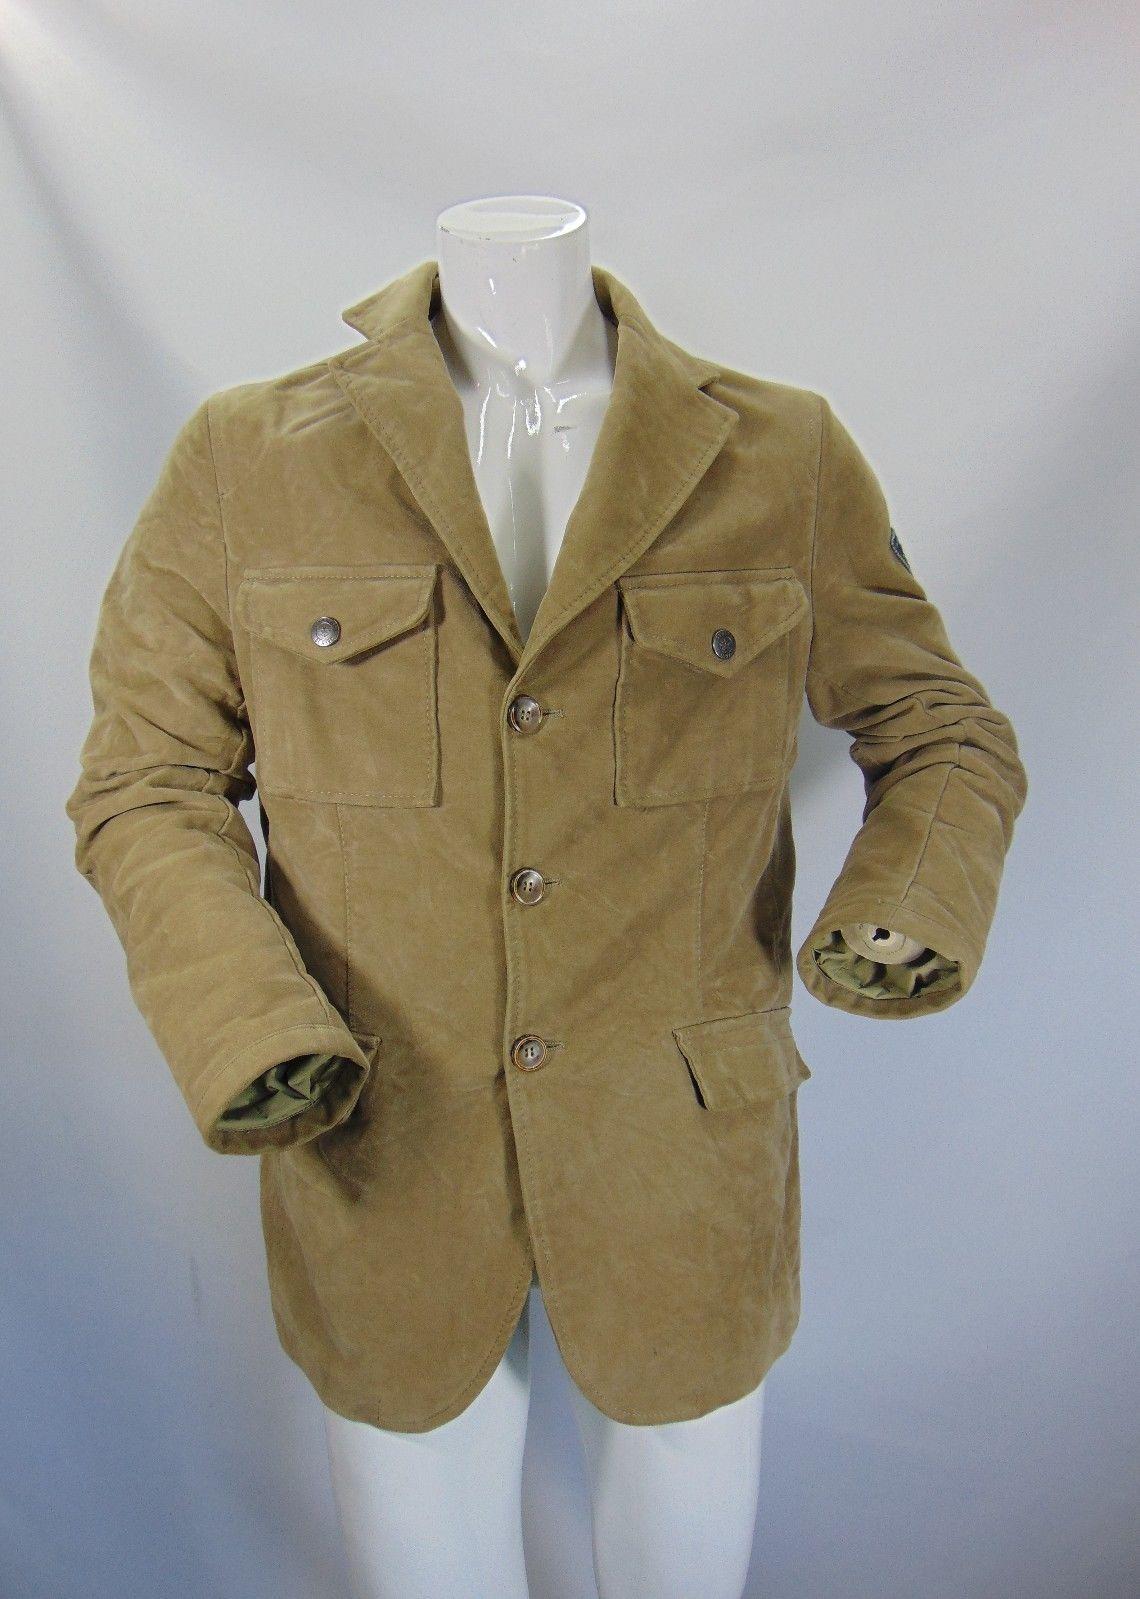 fff5ce2cc41fc ARMATA DI MARE Giubbotto Giacca Giubbino Cappotto Jacket Tg XL Man Uomo G13